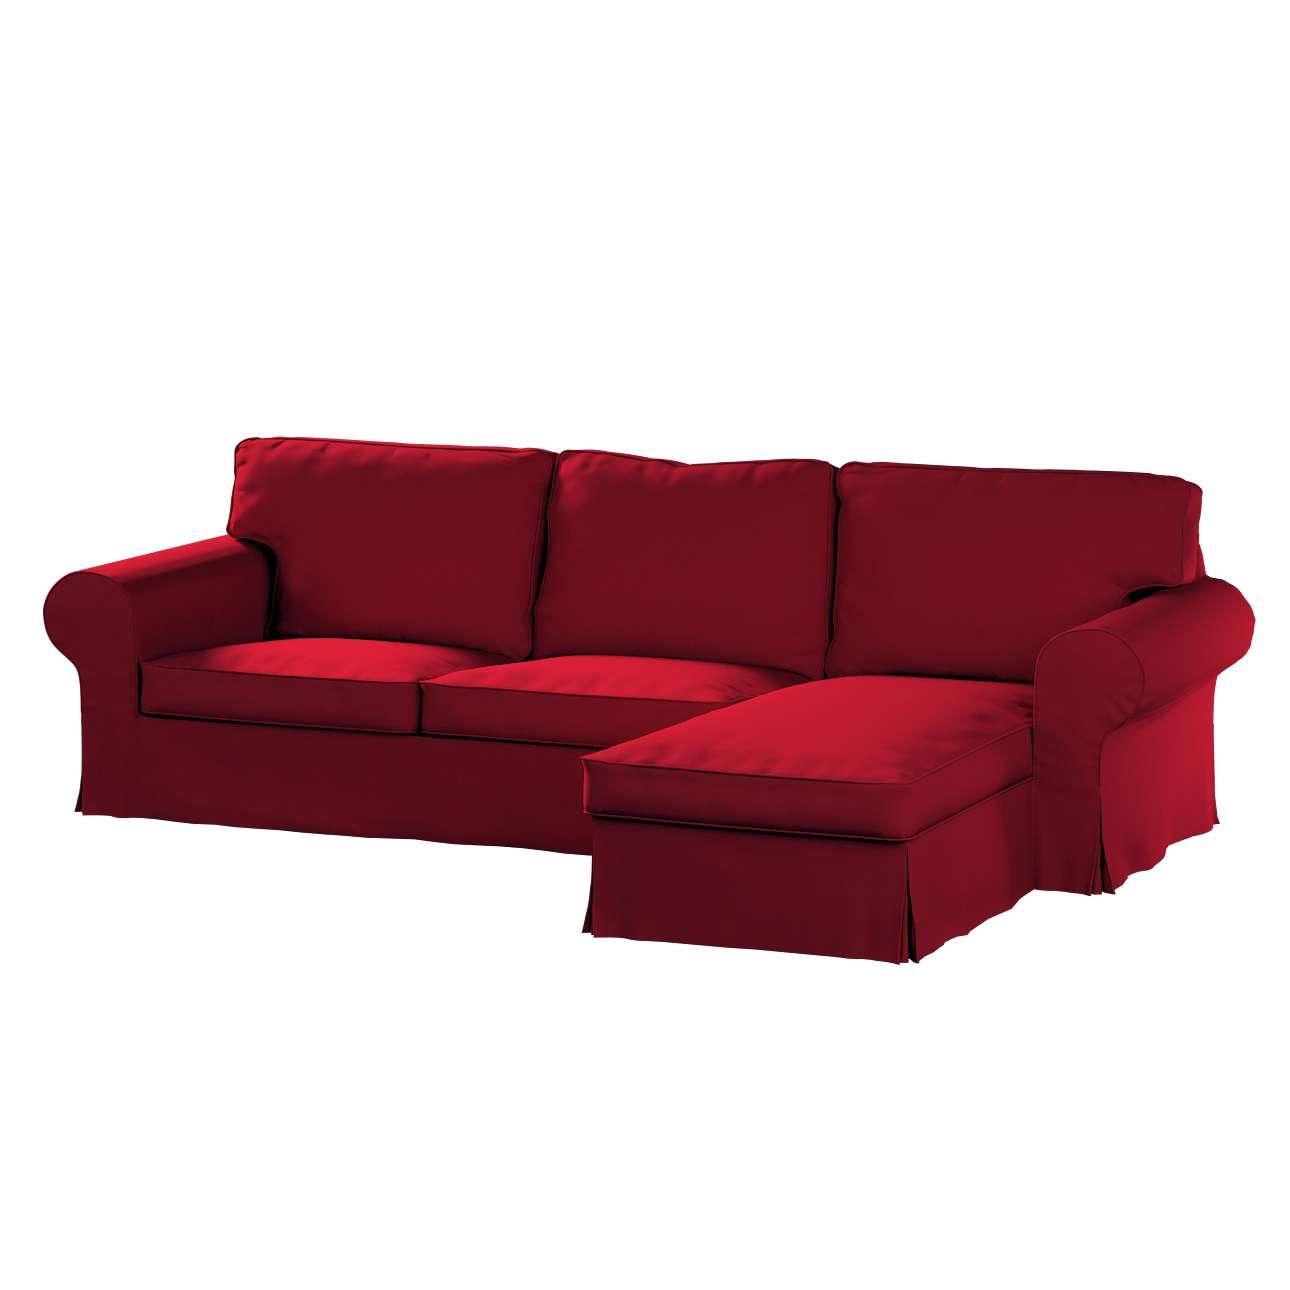 Ektorp dvivietės sofos su gulimuoju krėslu užvalkalas Ikea Ektorp dvivietės sofos su gulimuoju krėslu užvalkalas kolekcijoje Etna , audinys: 705-60